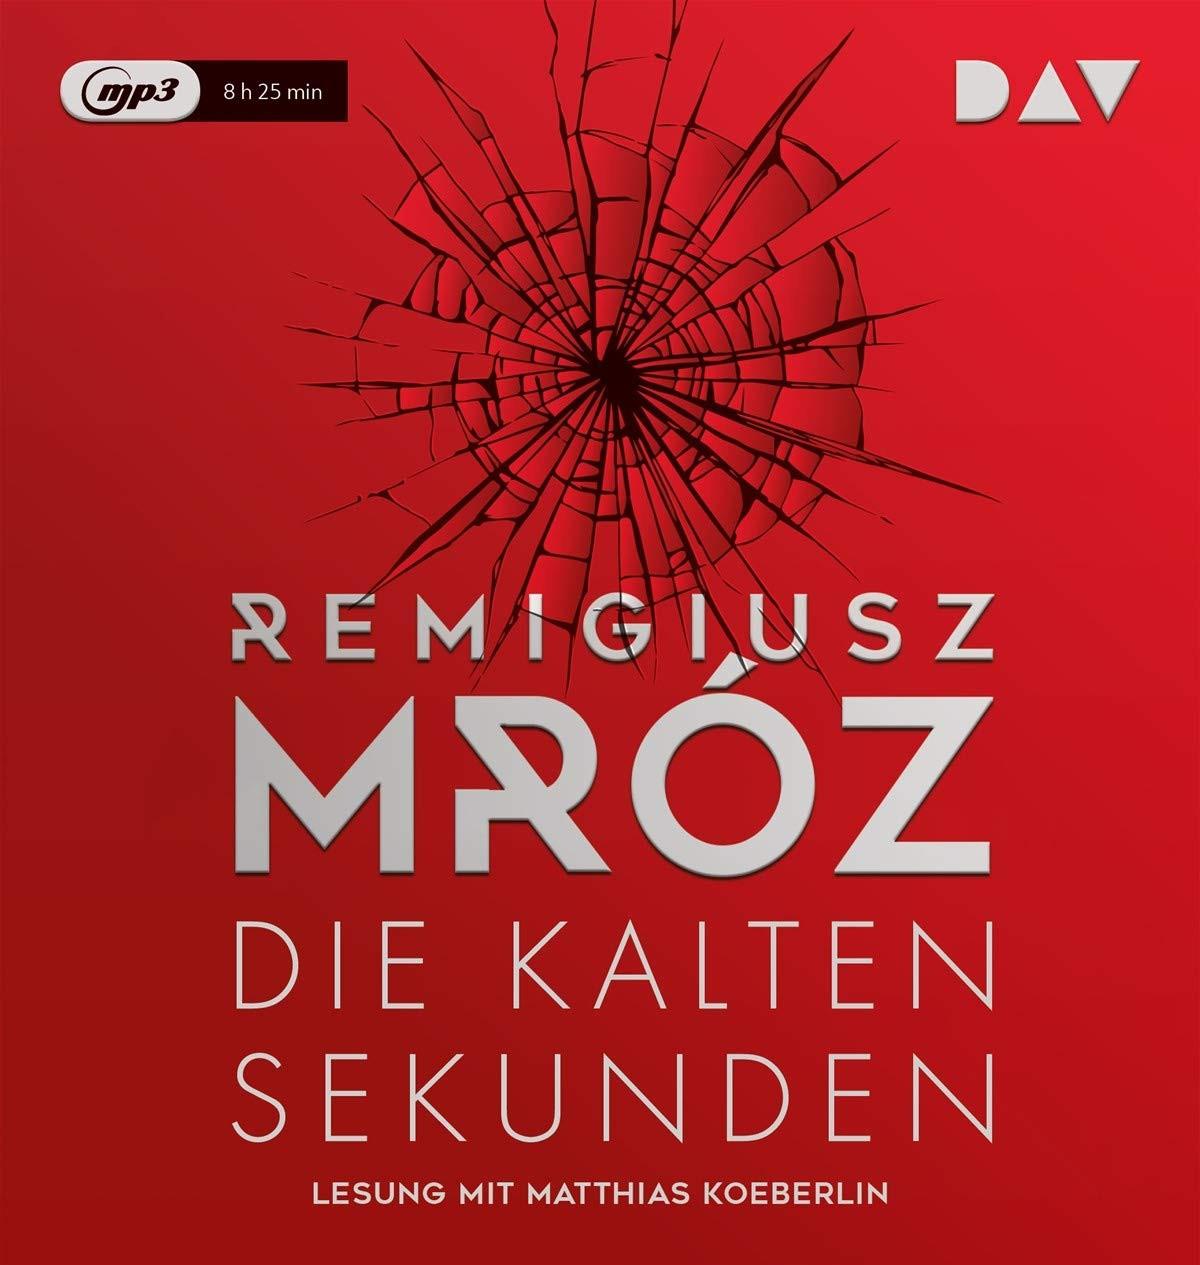 Remigiusz Mróz - Die kalten Sekunden